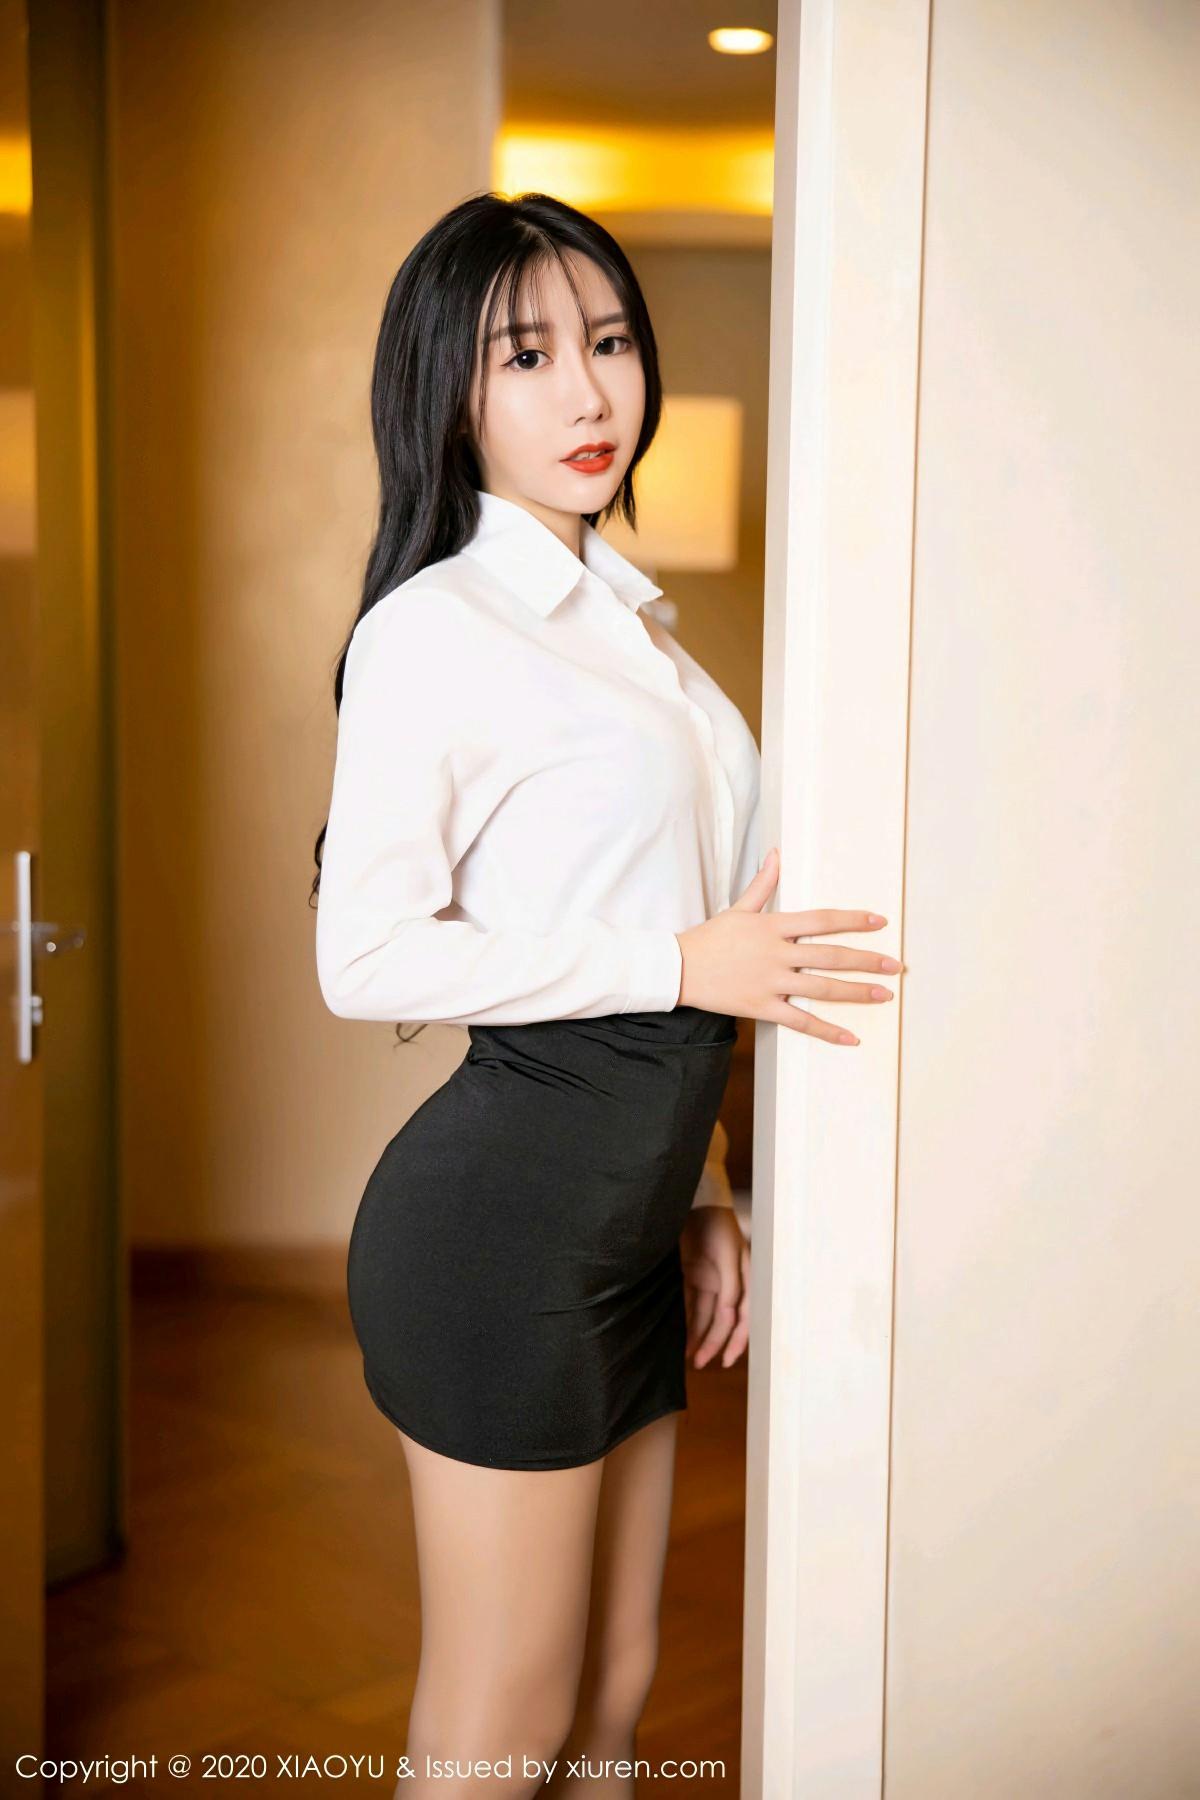 [XIAOYU语画界] 2020.09.28 No.379 陈梦babe 第2张